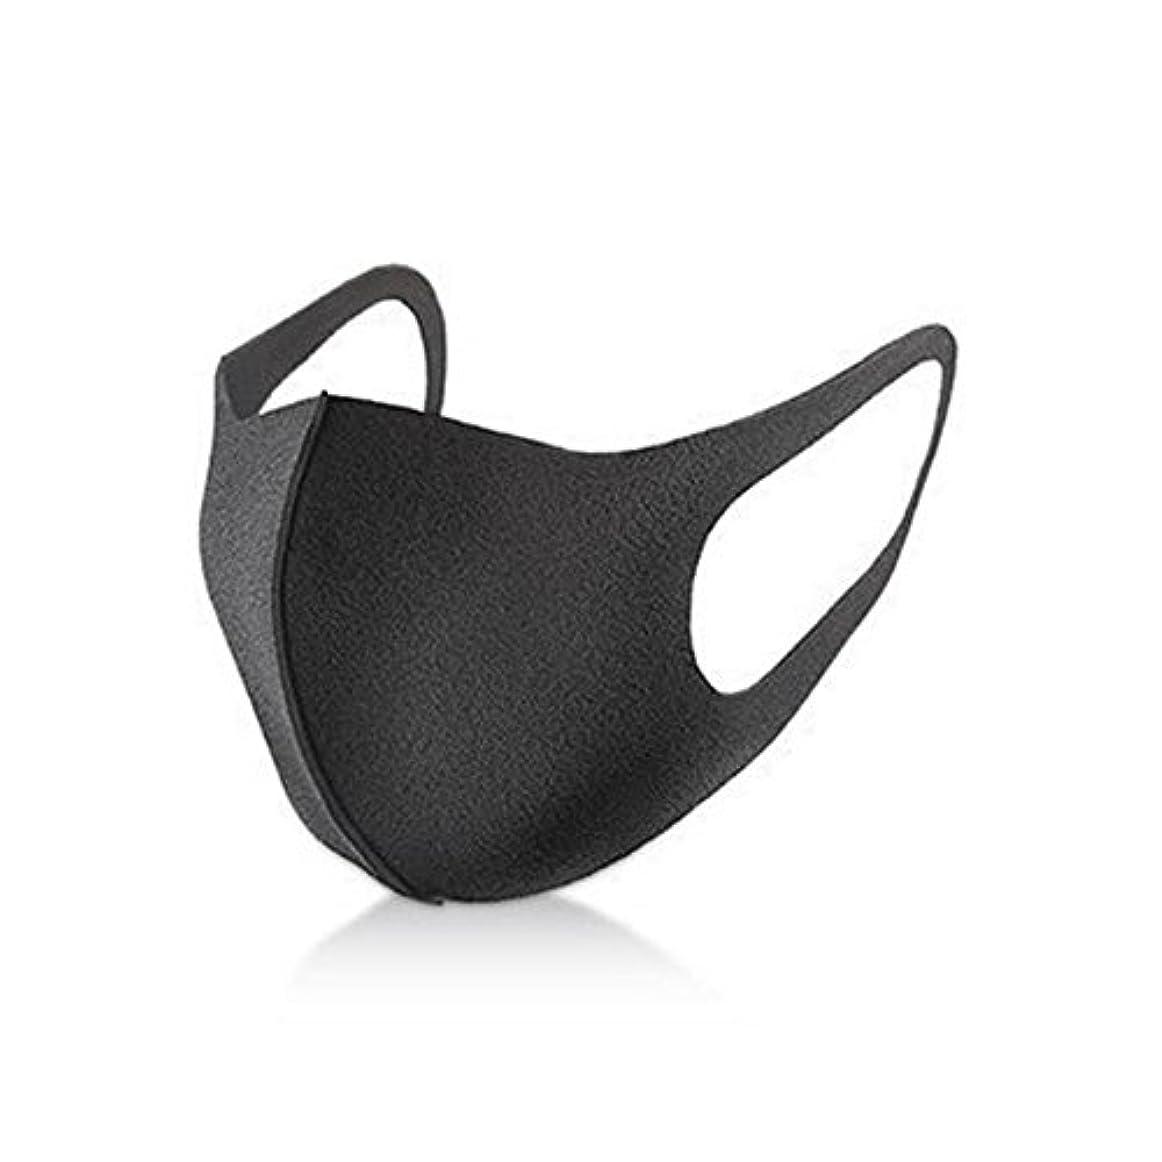 プレゼンテーション優雅なクレタブラックマスク 黒マスク 花粉予防 スモッグ避け ほこり防止 フリーサイズ ポリエステルマスク スポンジマスク 男女兼用 3枚セット